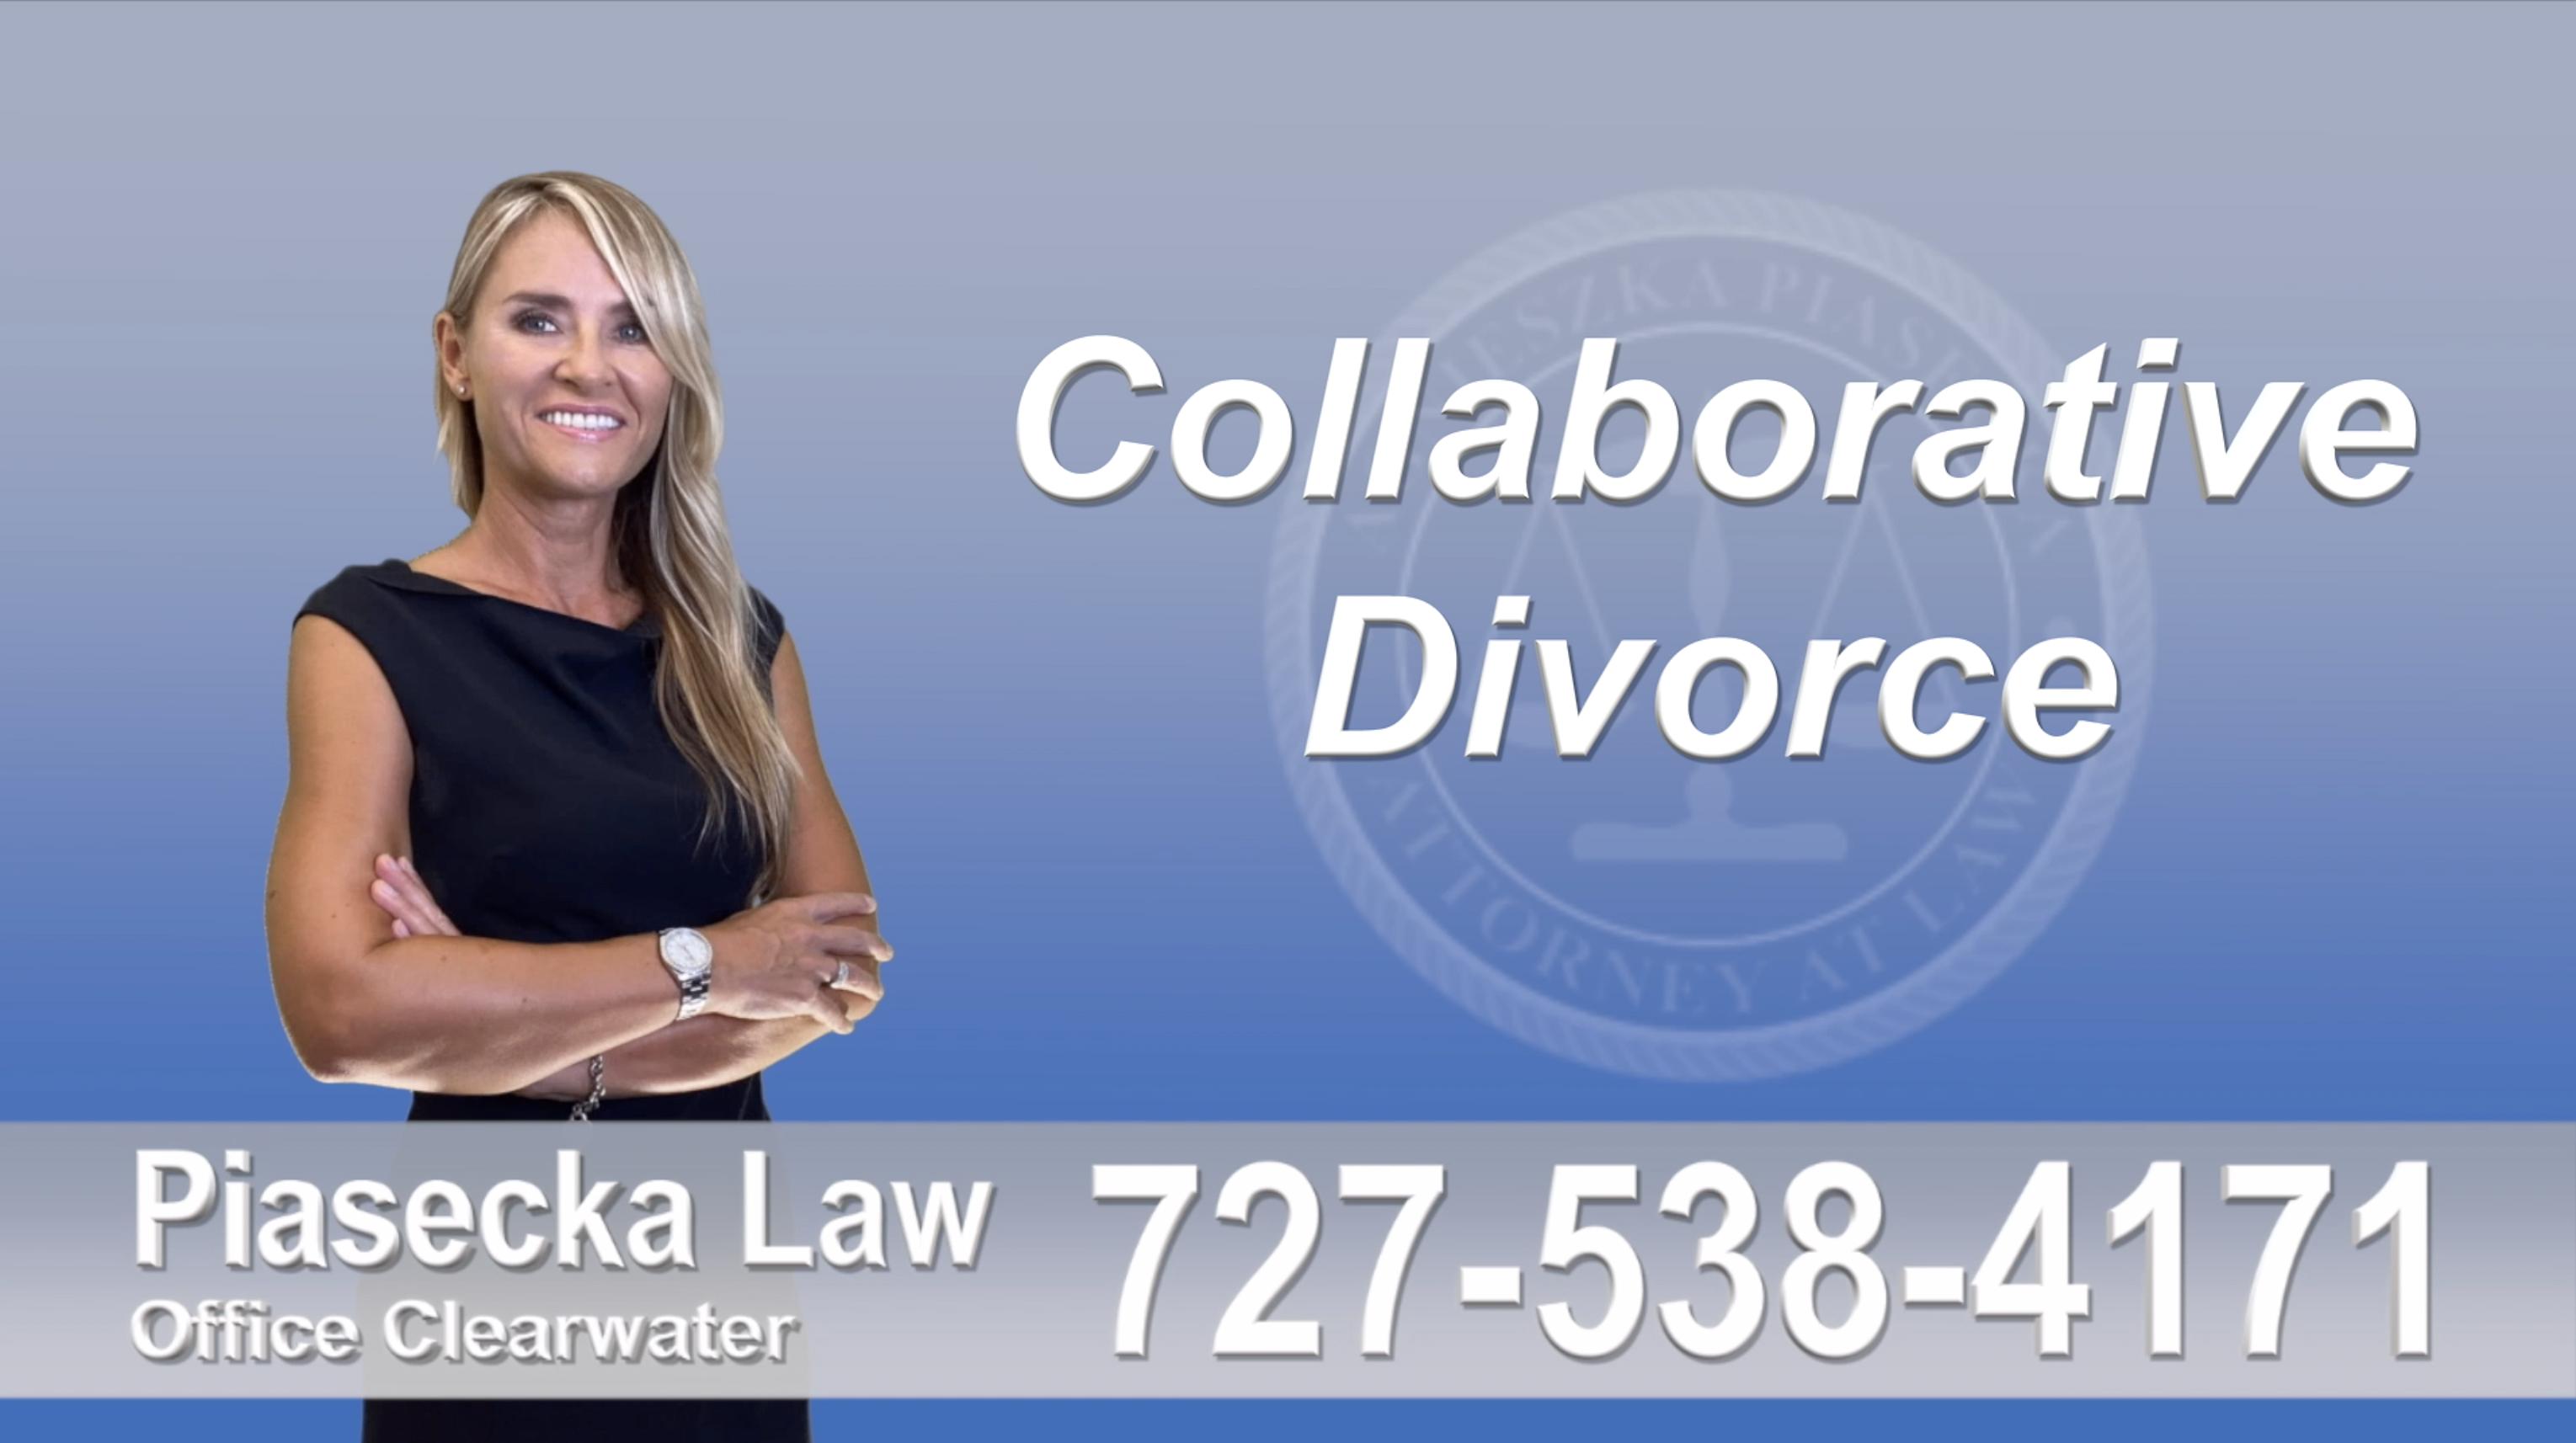 Pinellas Park Collaborative, Attorney, Agnieszka, Piasecka, Prawnik, Rozwodowy, Rozwód, Adwokat, Najlepszy, Best, Attorney, Divorce, Lawyer